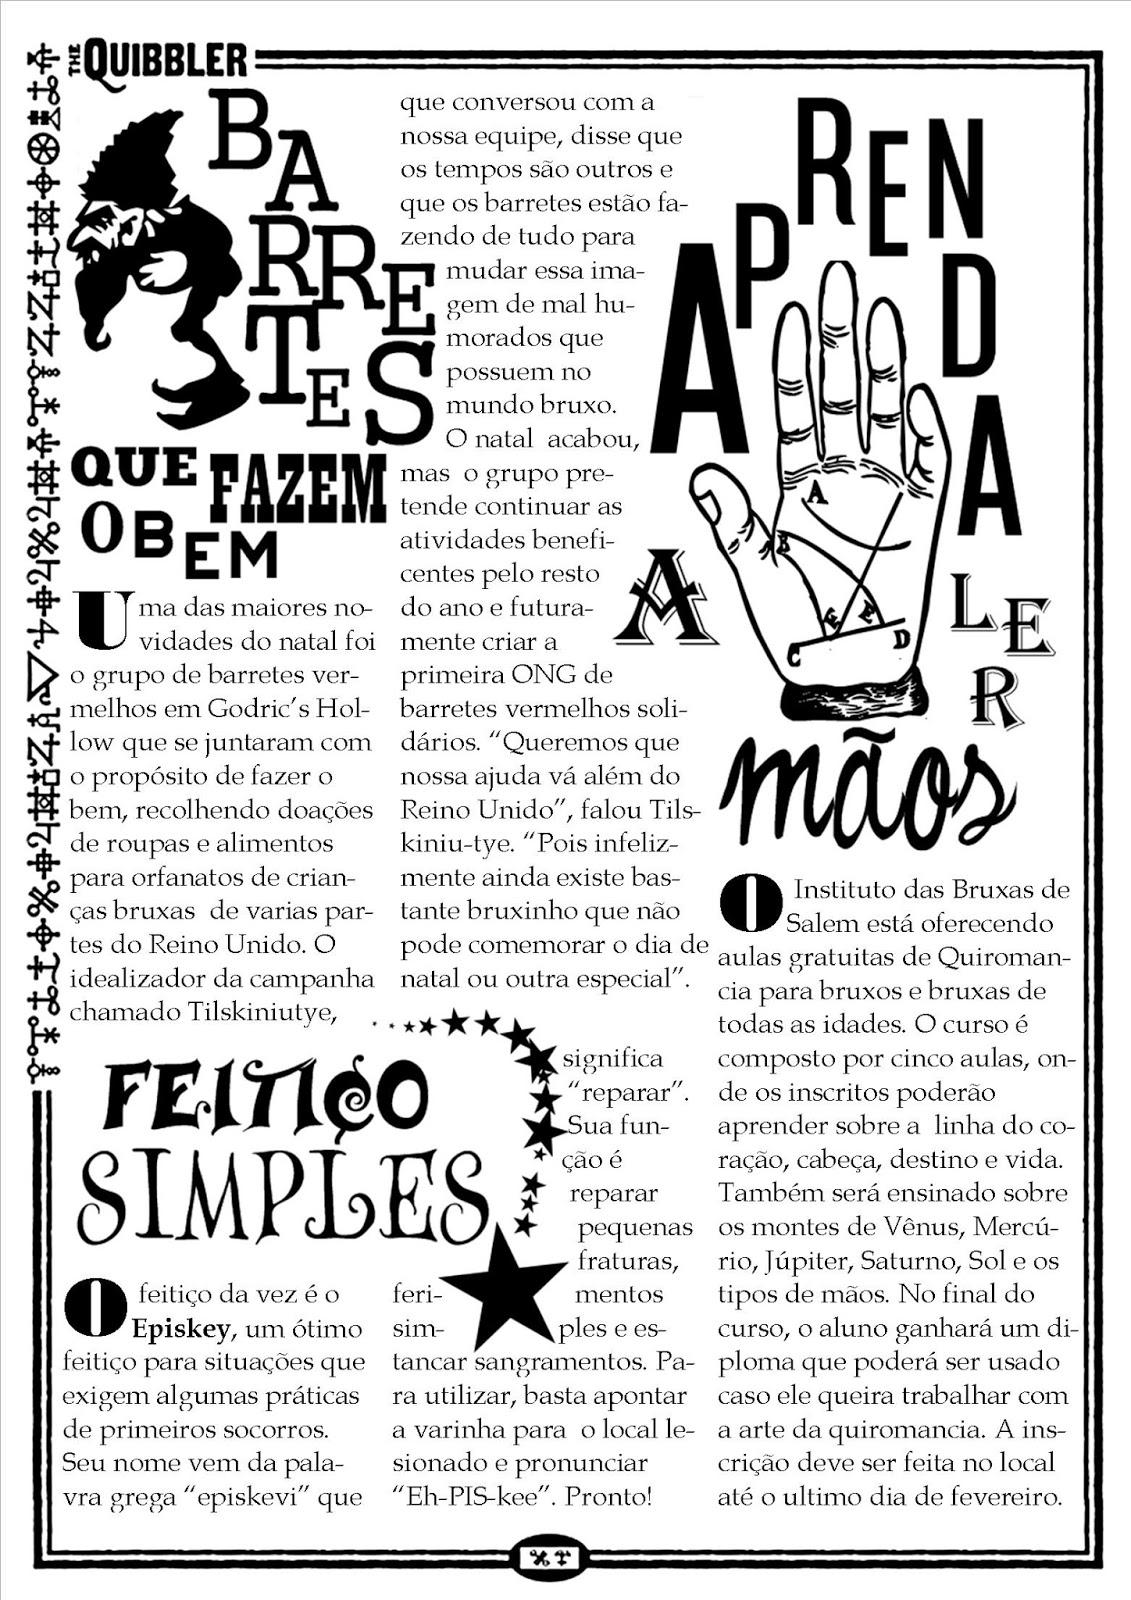 The Quibbler: o informe mais zonzombulesco do Mundo Bruxo ...Quibbler Printable Pages